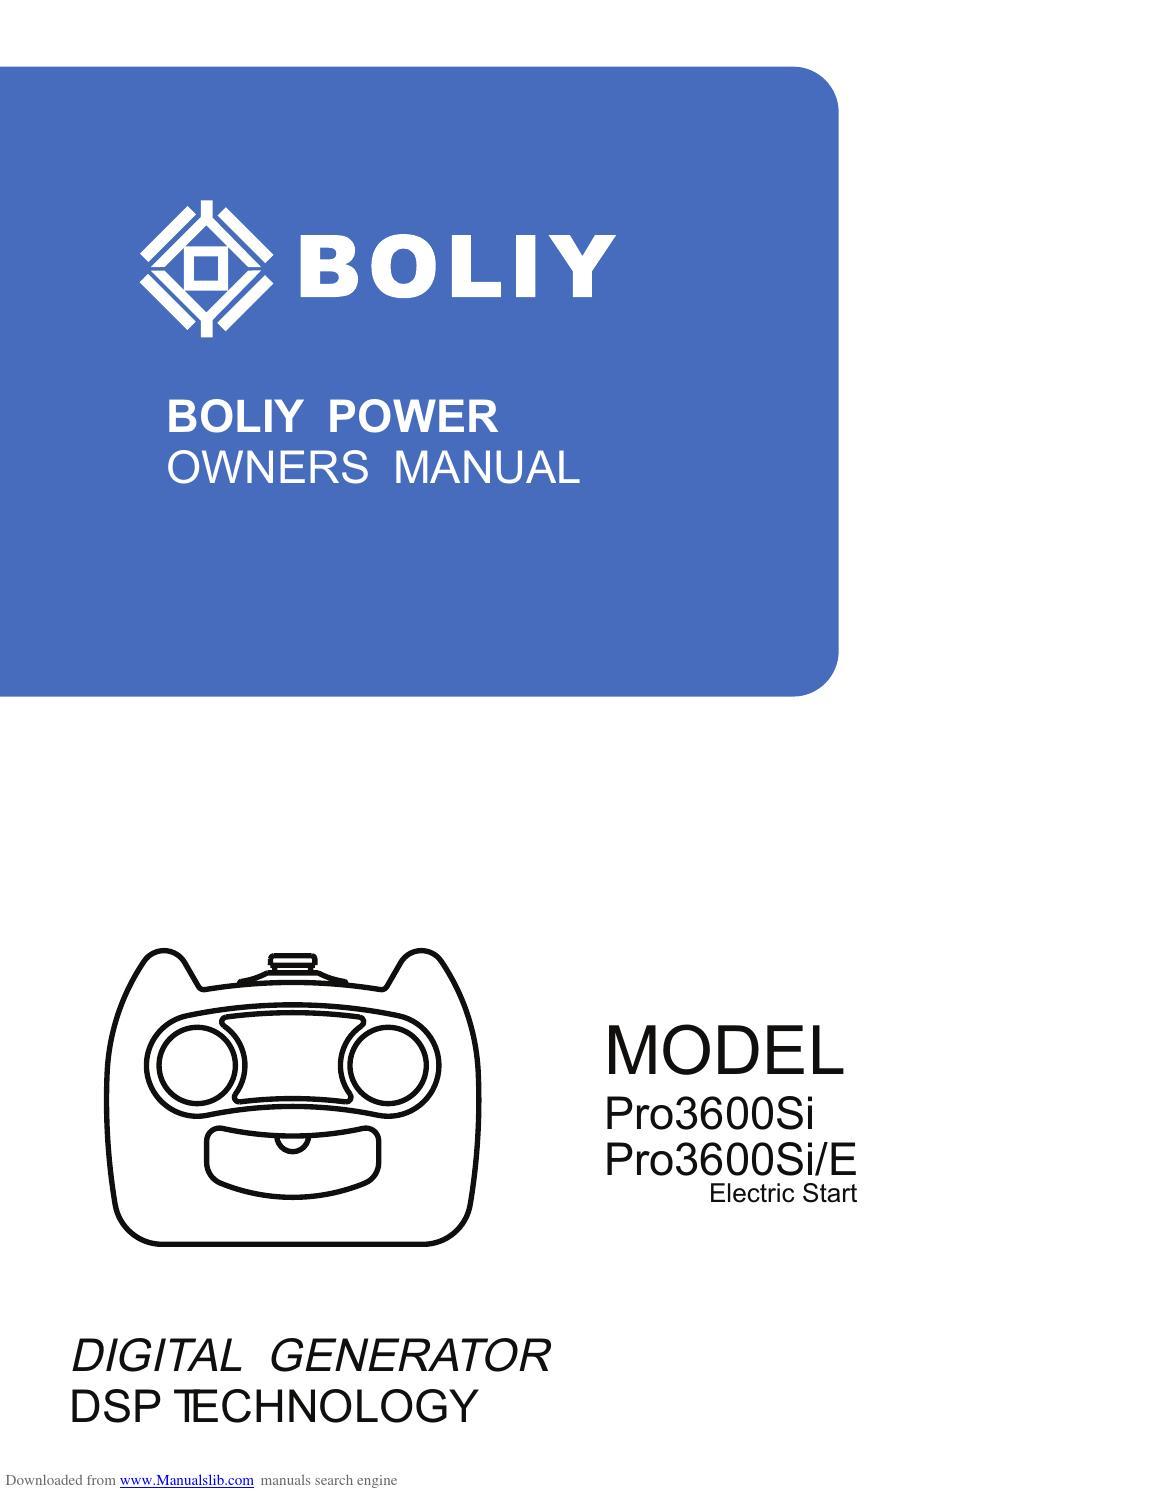 boliy pro3600si manual by popunder net issuu rh issuu com